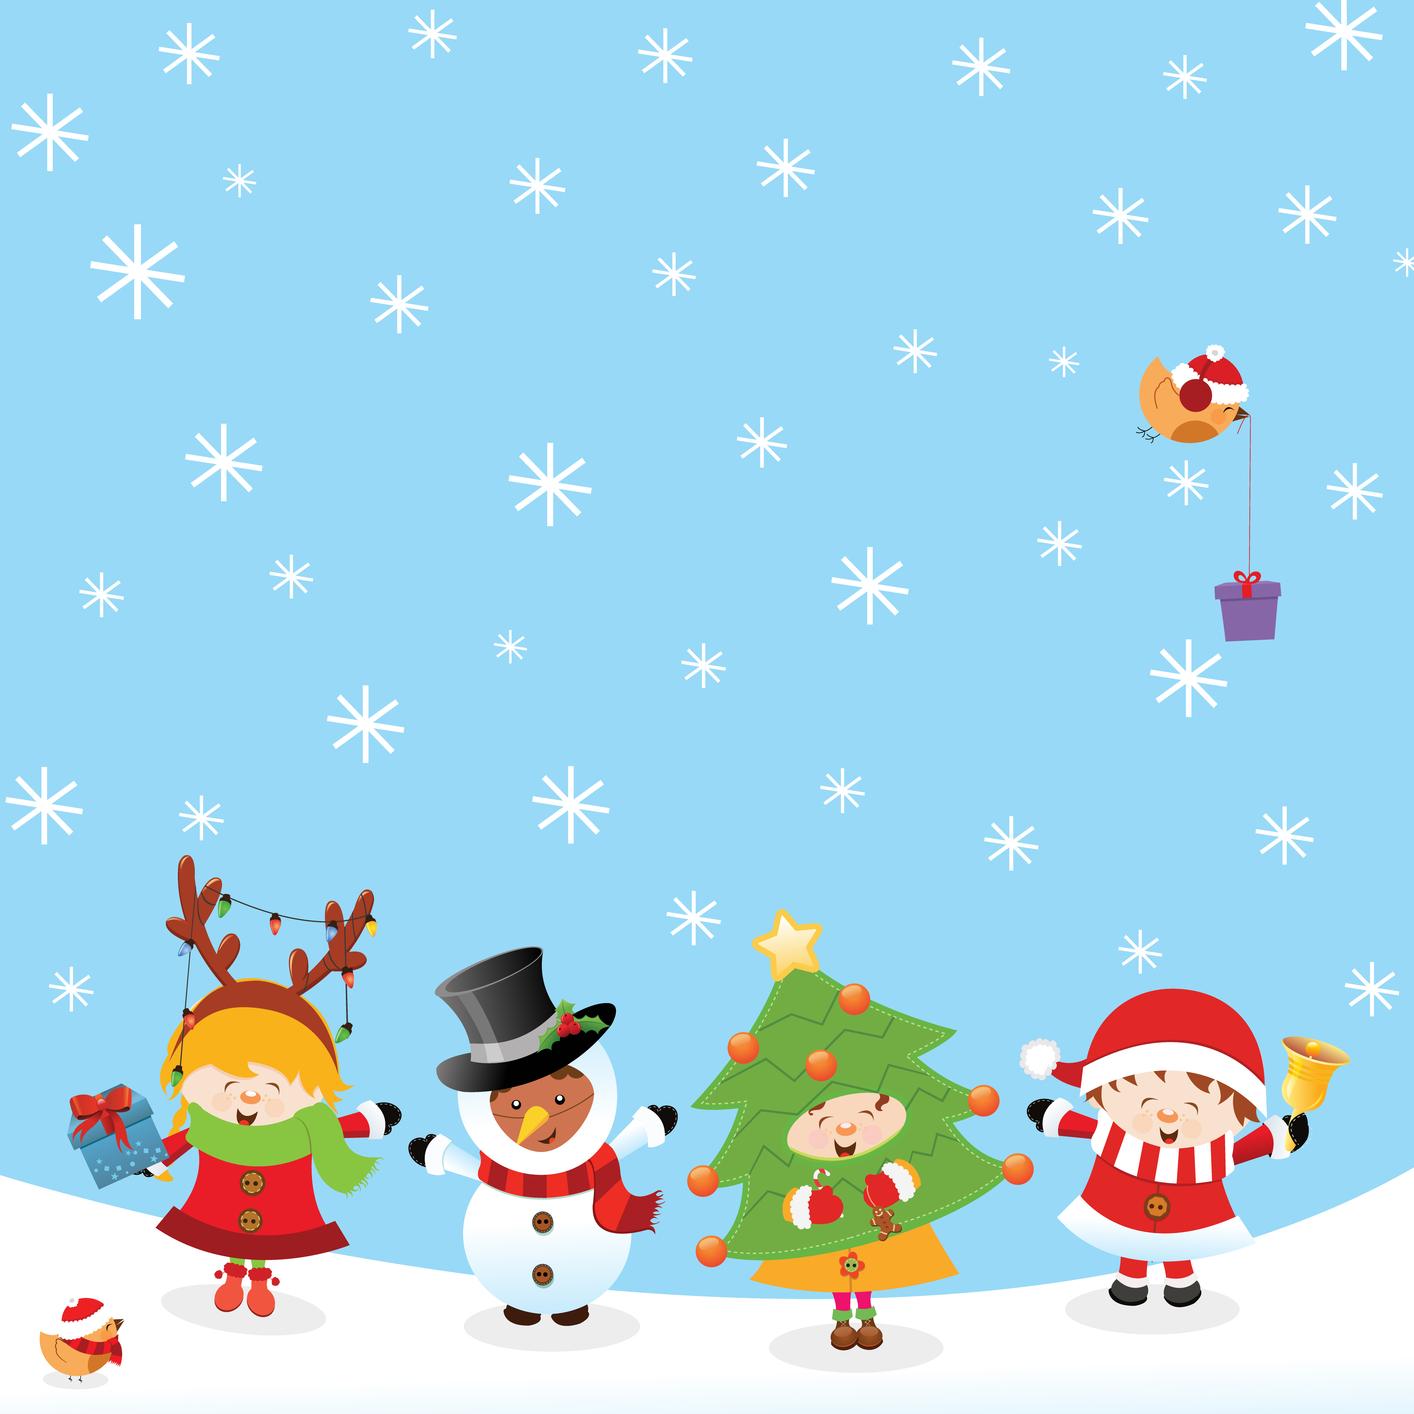 tarjetas de navidad tarjetas navide as para felicitar las